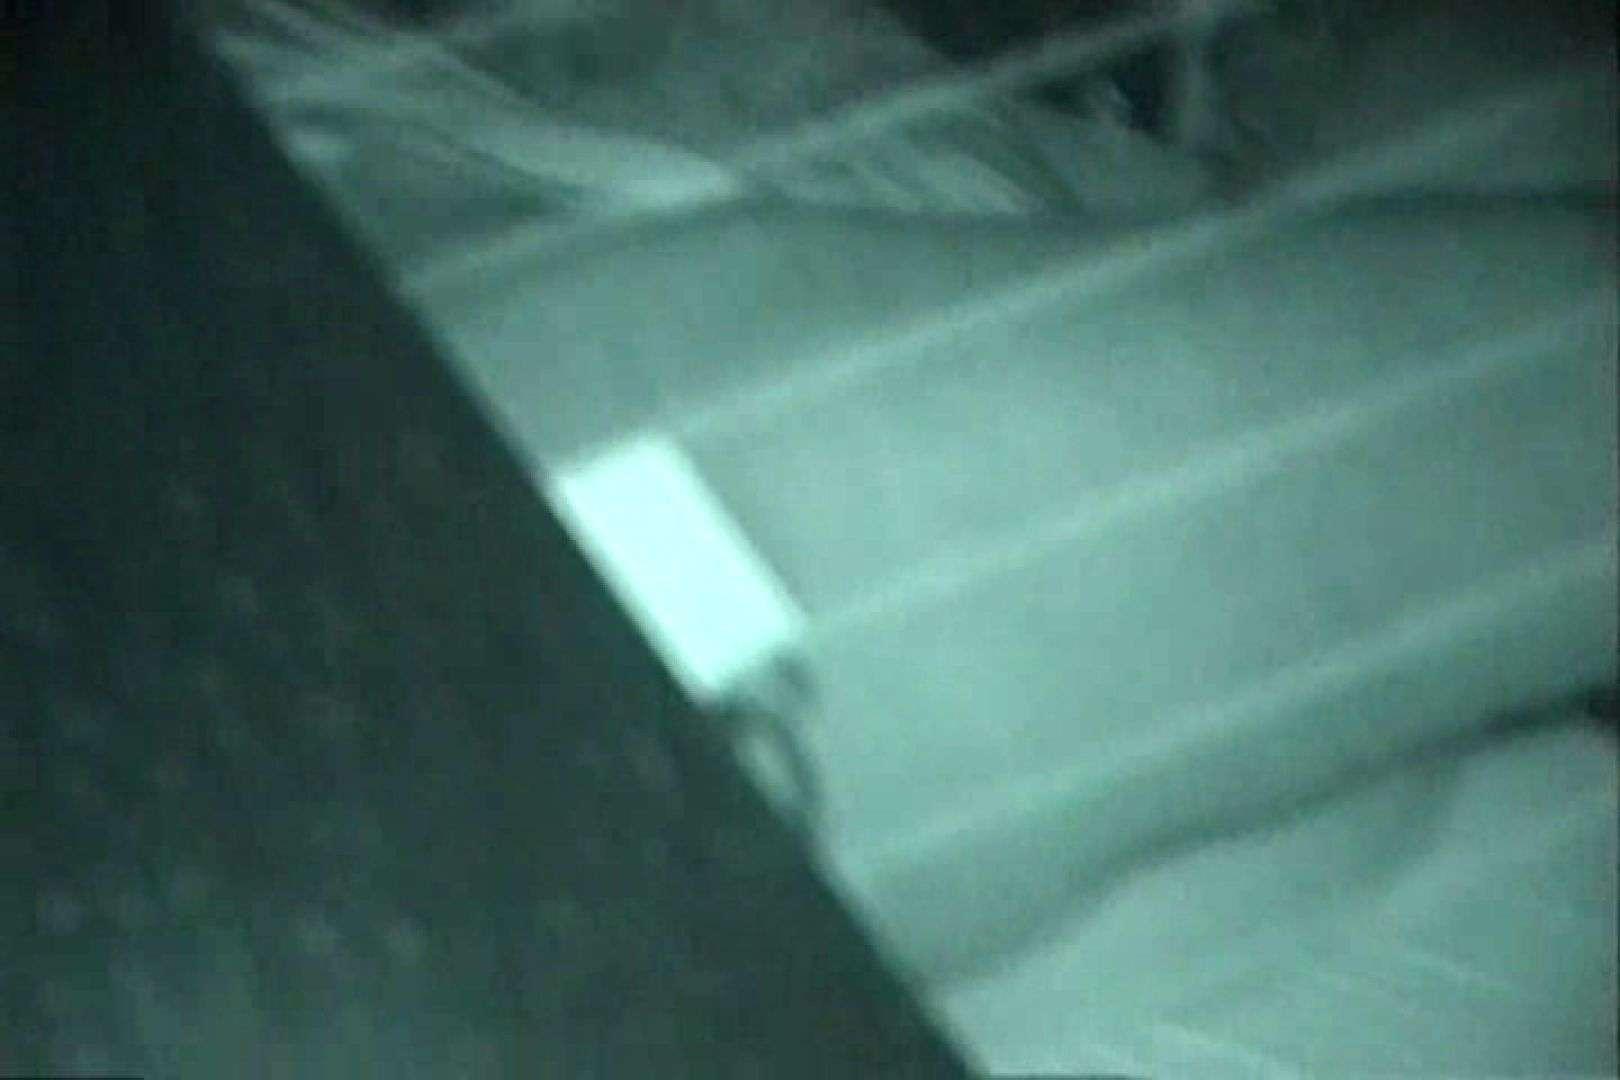 充血監督の深夜の運動会Vol.125 盗撮師作品 AV無料動画キャプチャ 98pic 51